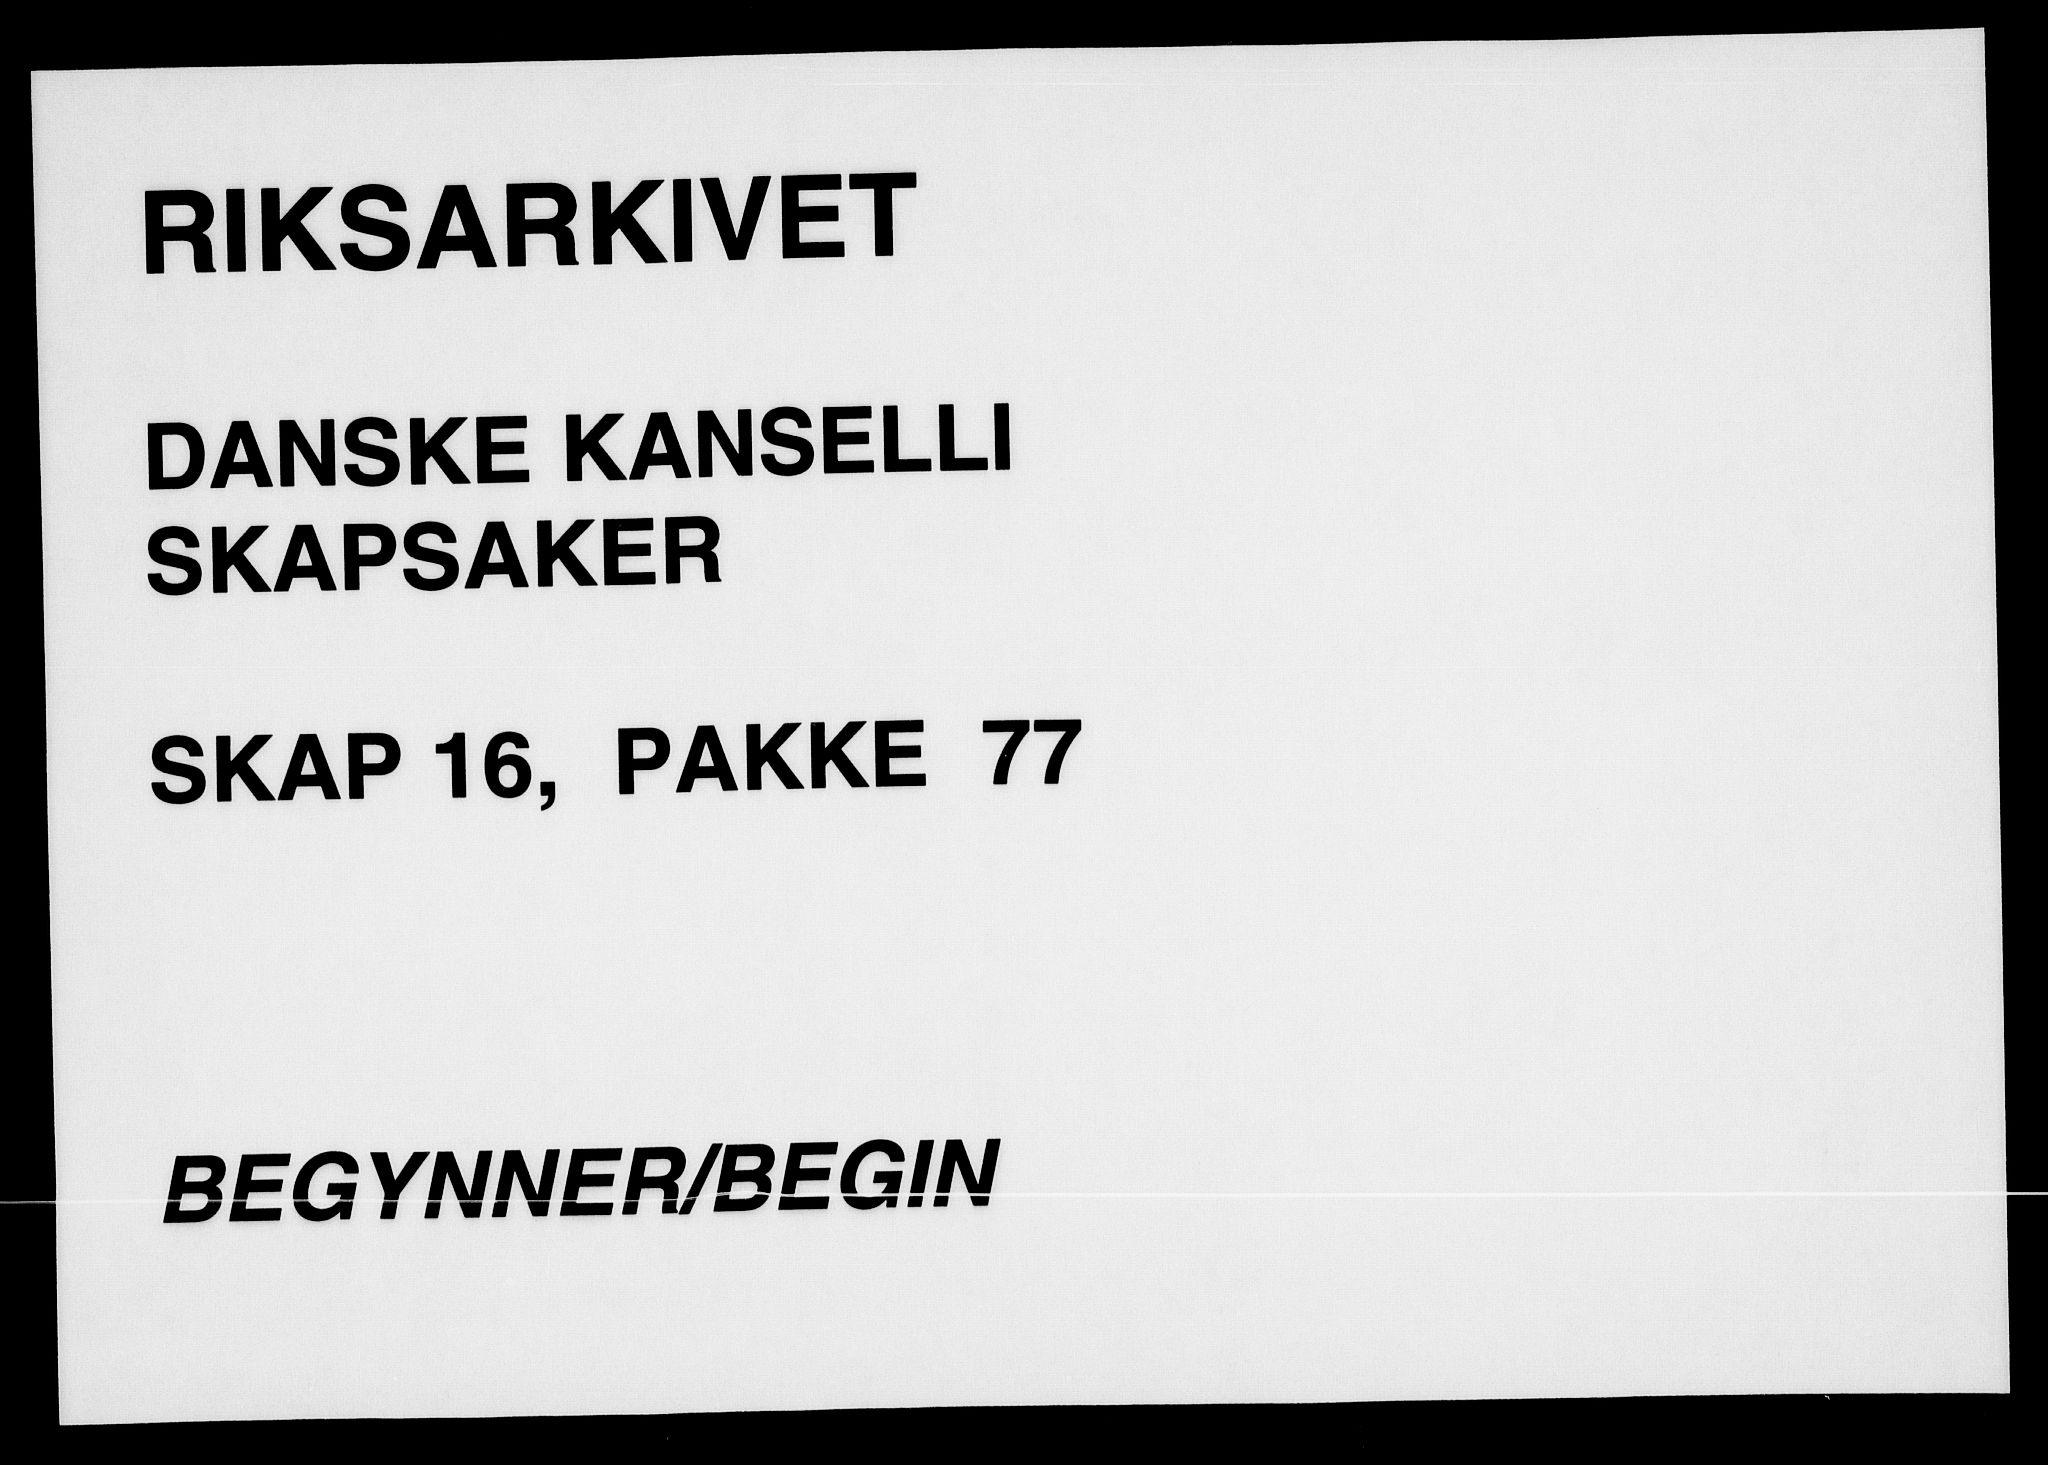 RA, Danske Kanselli, Skapsaker, F/L0128: Skap 16, pakke 77-81, 1797-1804, s. 1